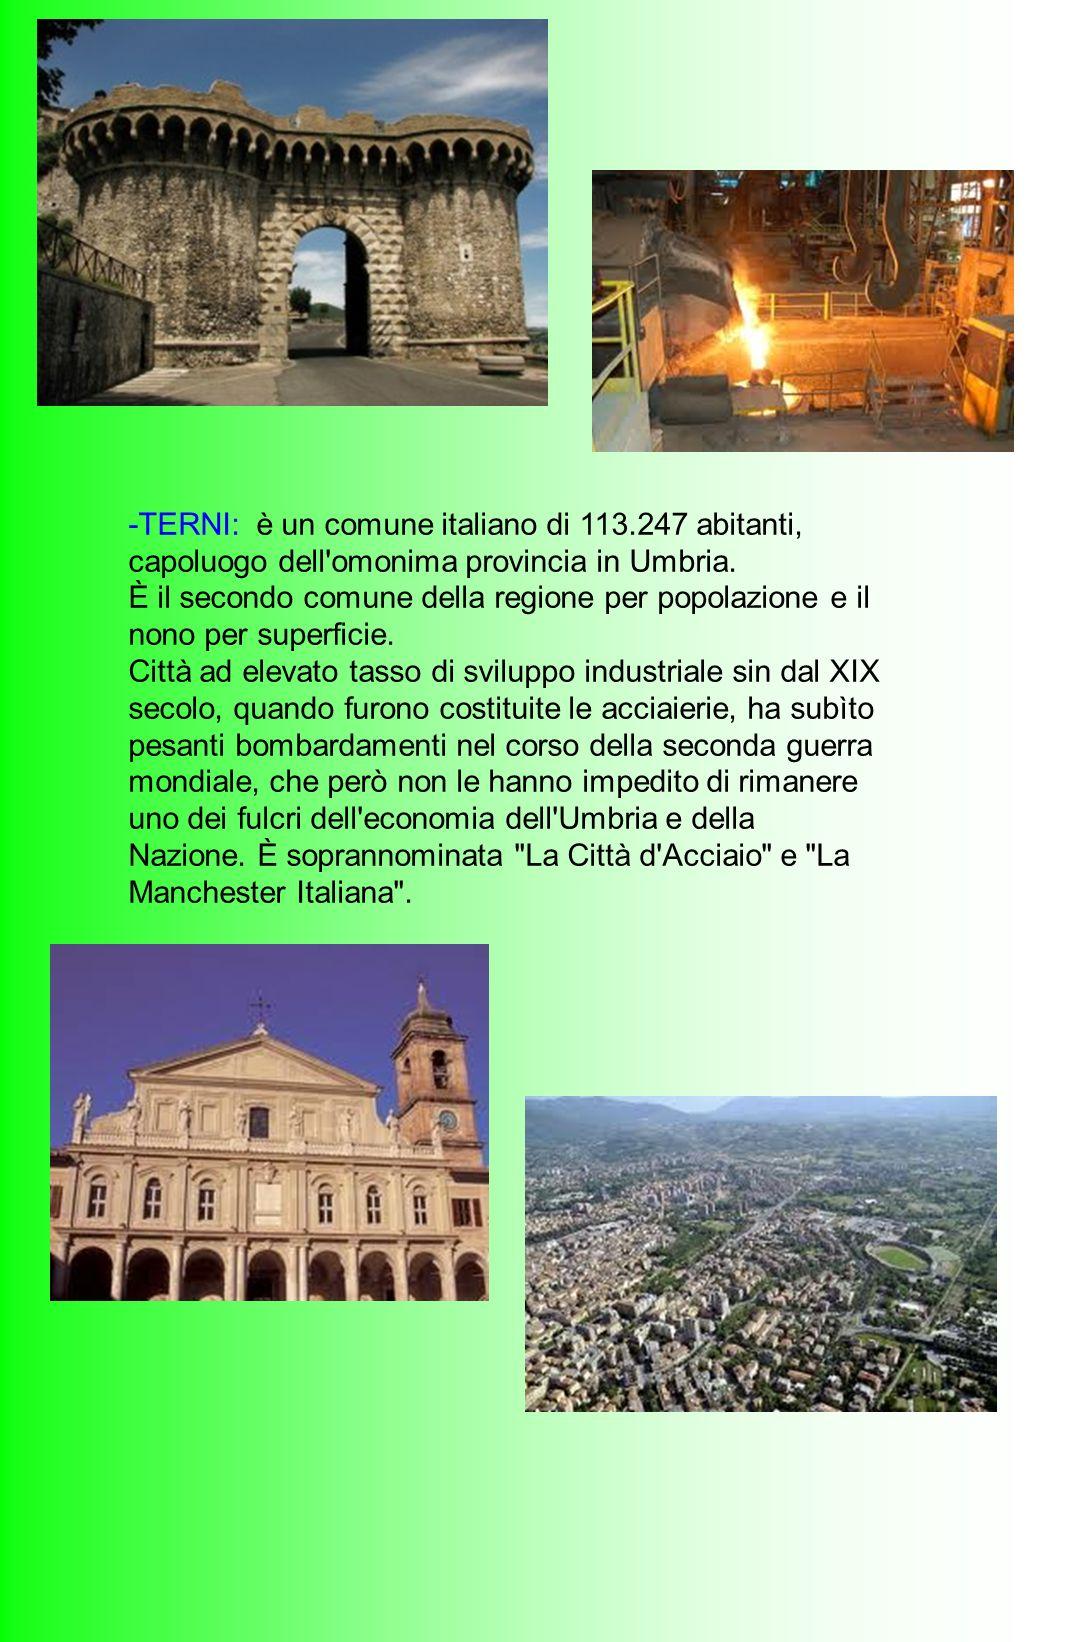 -TERNI: è un comune italiano di 113